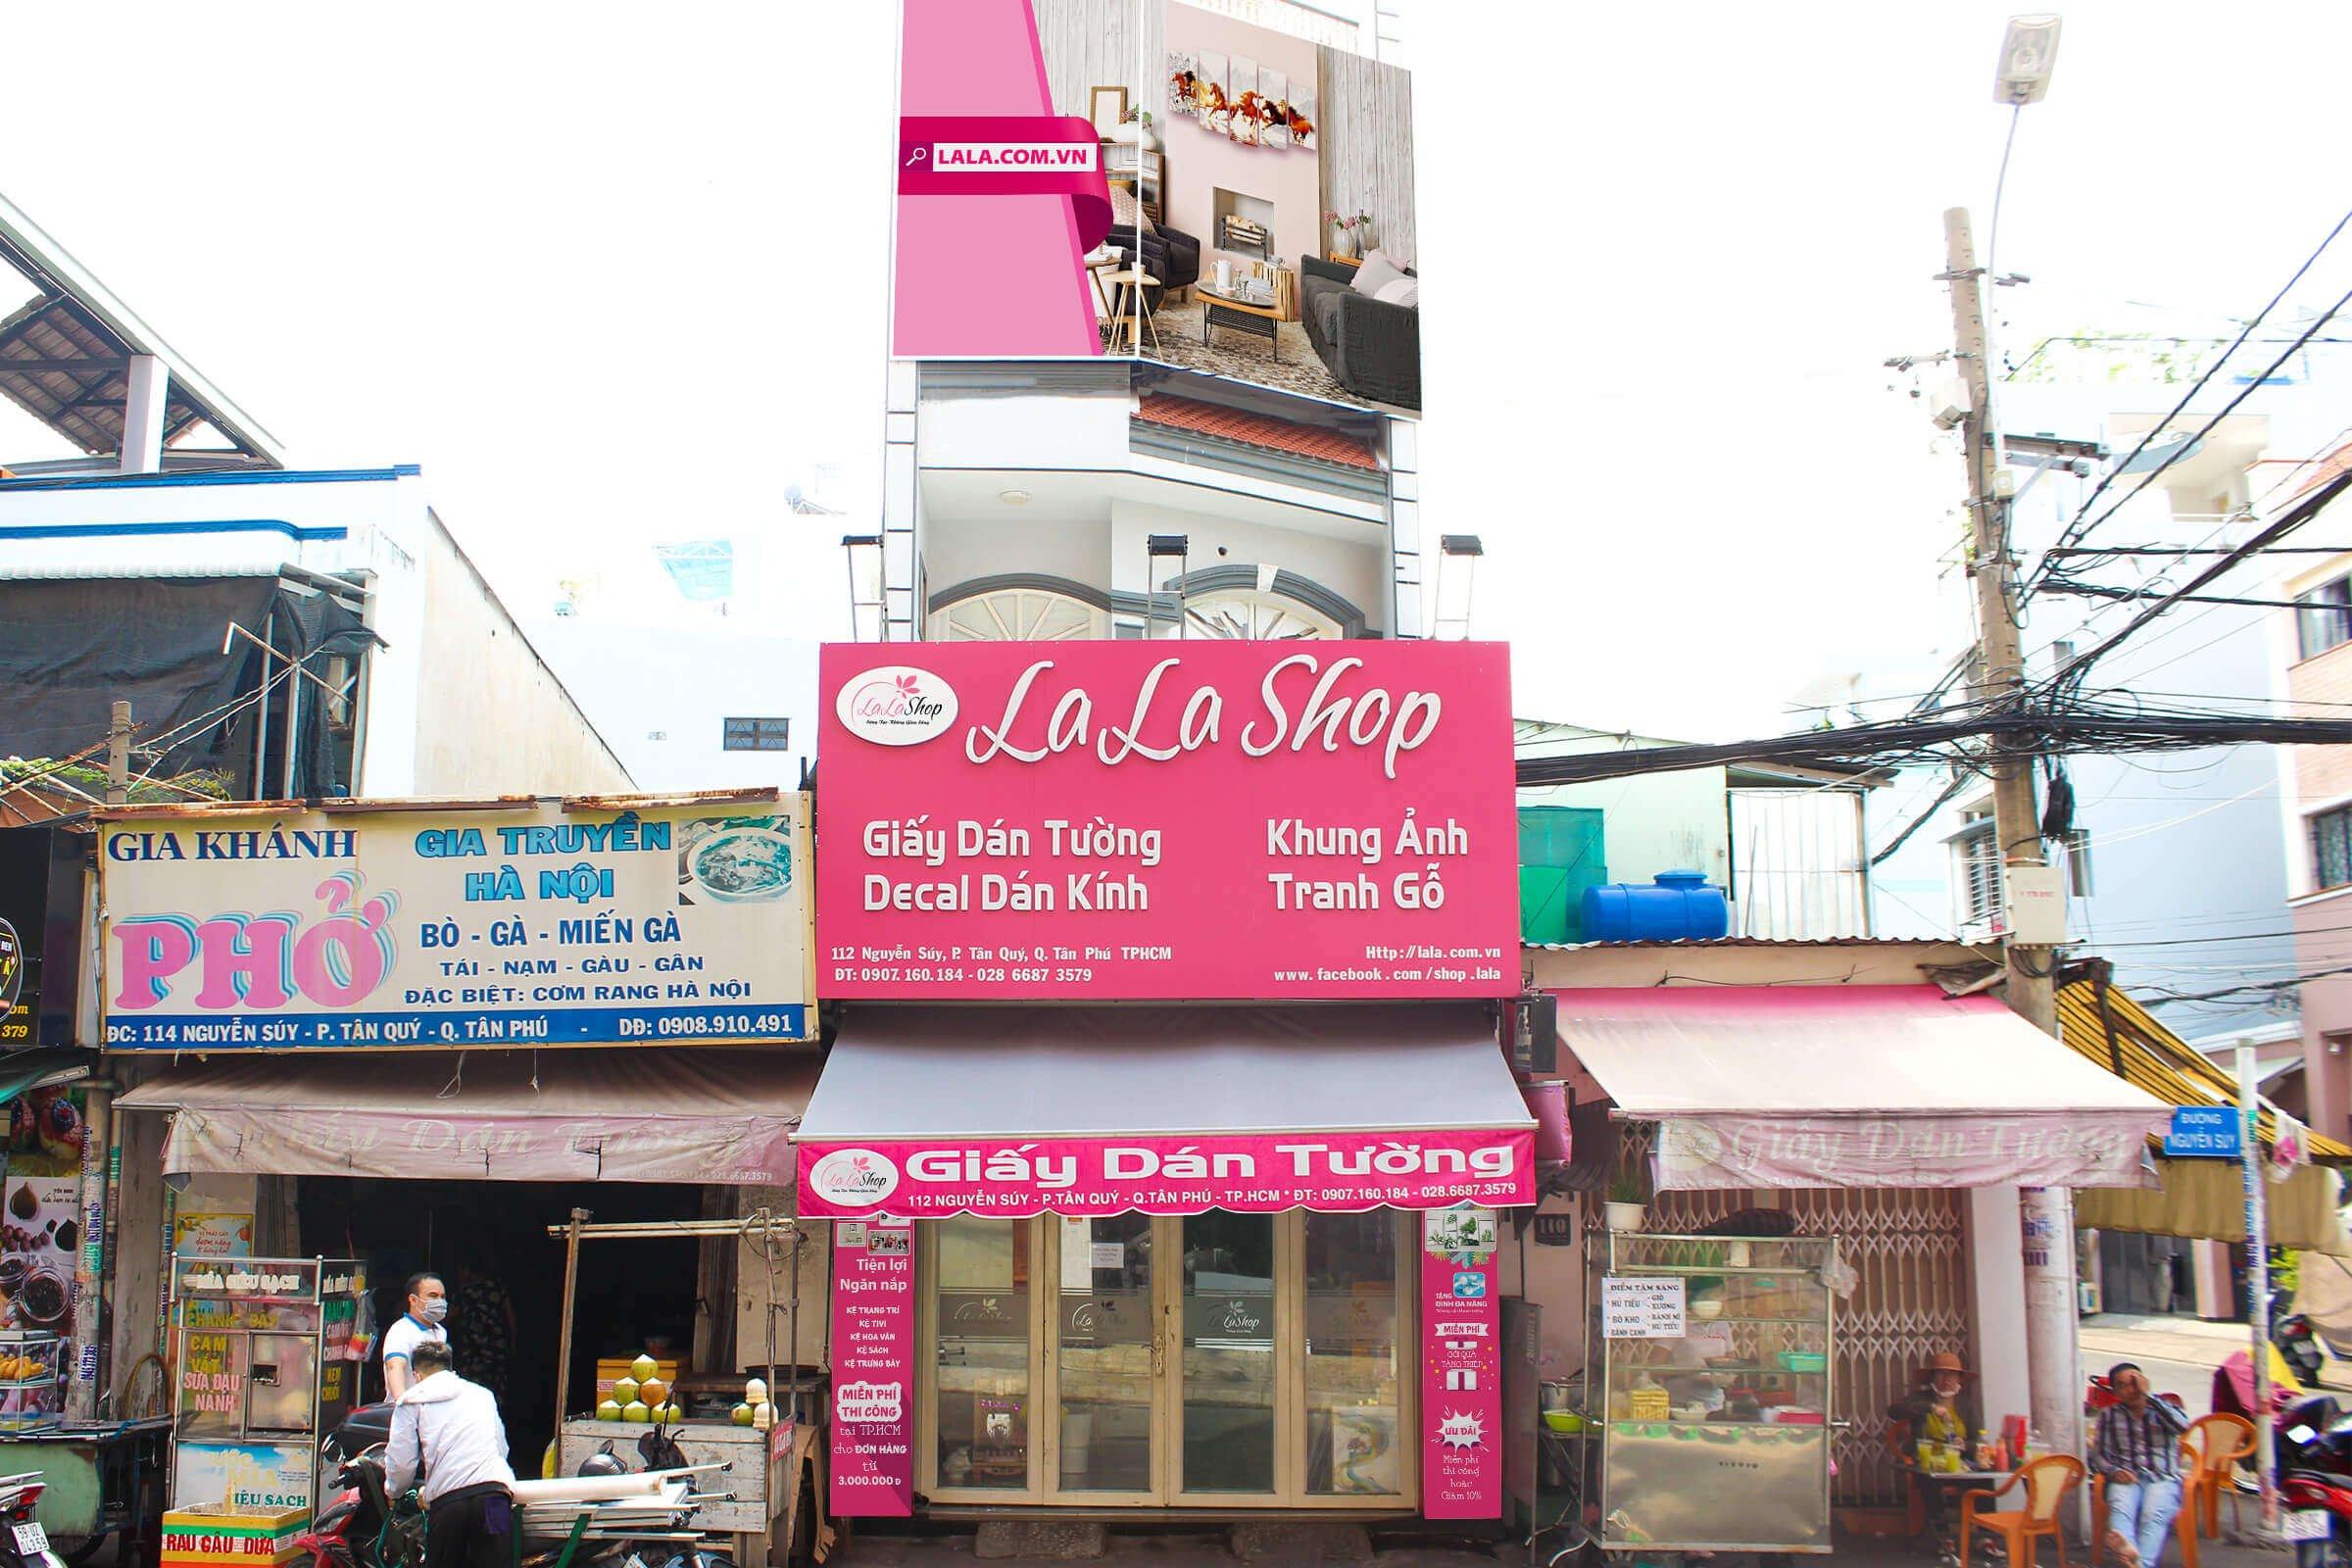 Lala Shop - Địa chỉ bán tranh Phật giáo uy tín tại TPHCM